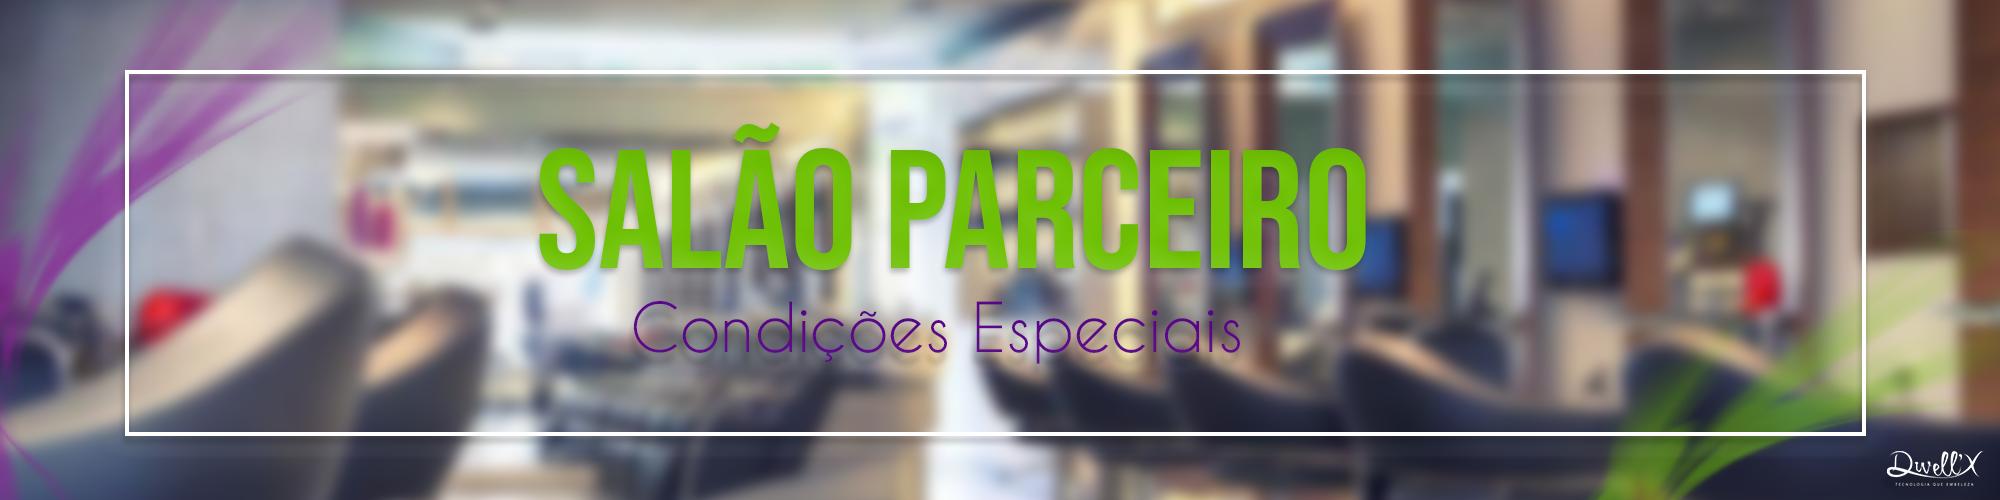 SALÃO PARCEIRO